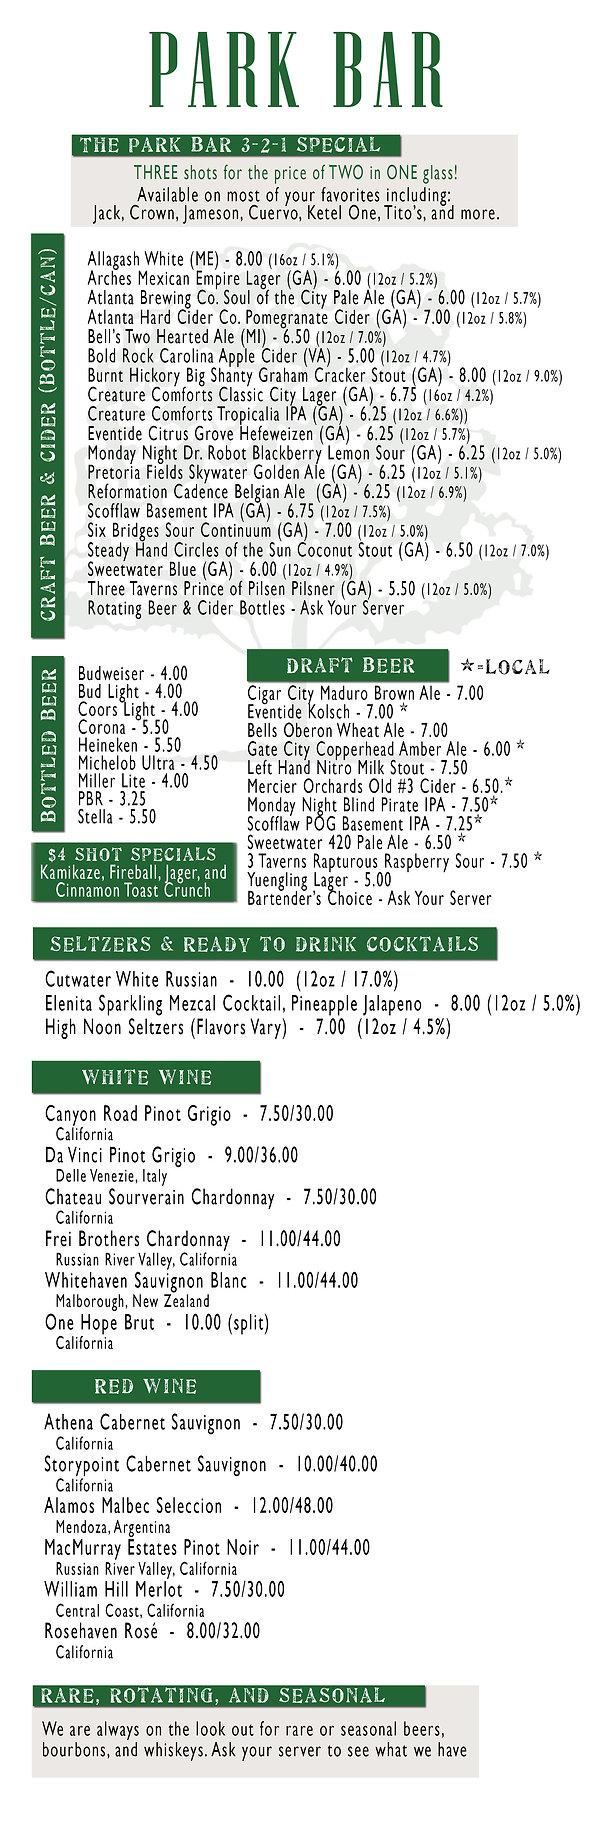 Park Bar Beer and Wine Menu